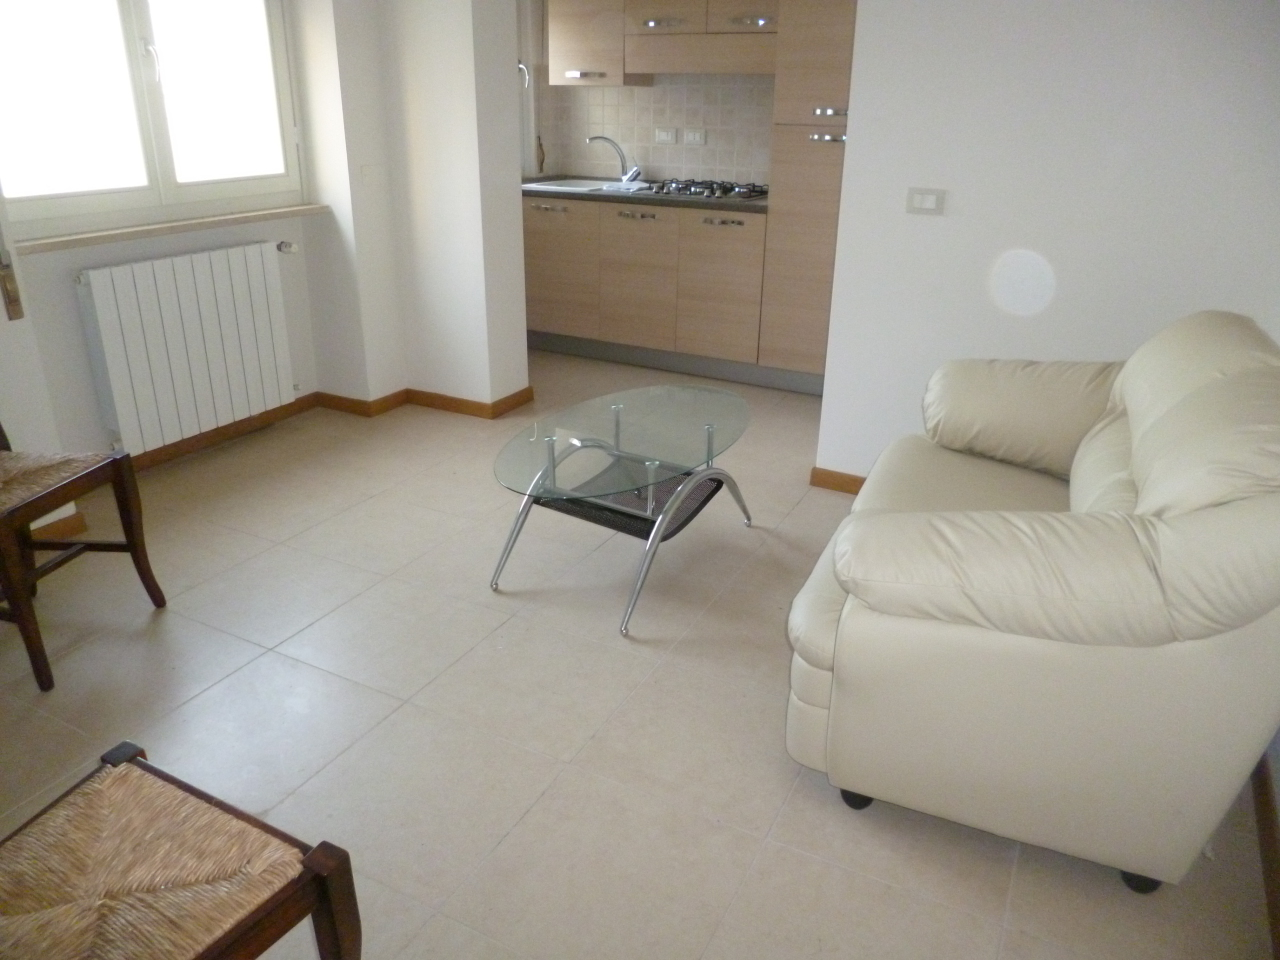 Appartamento in affitto a Livorno, 2 locali, prezzo € 650 | CambioCasa.it